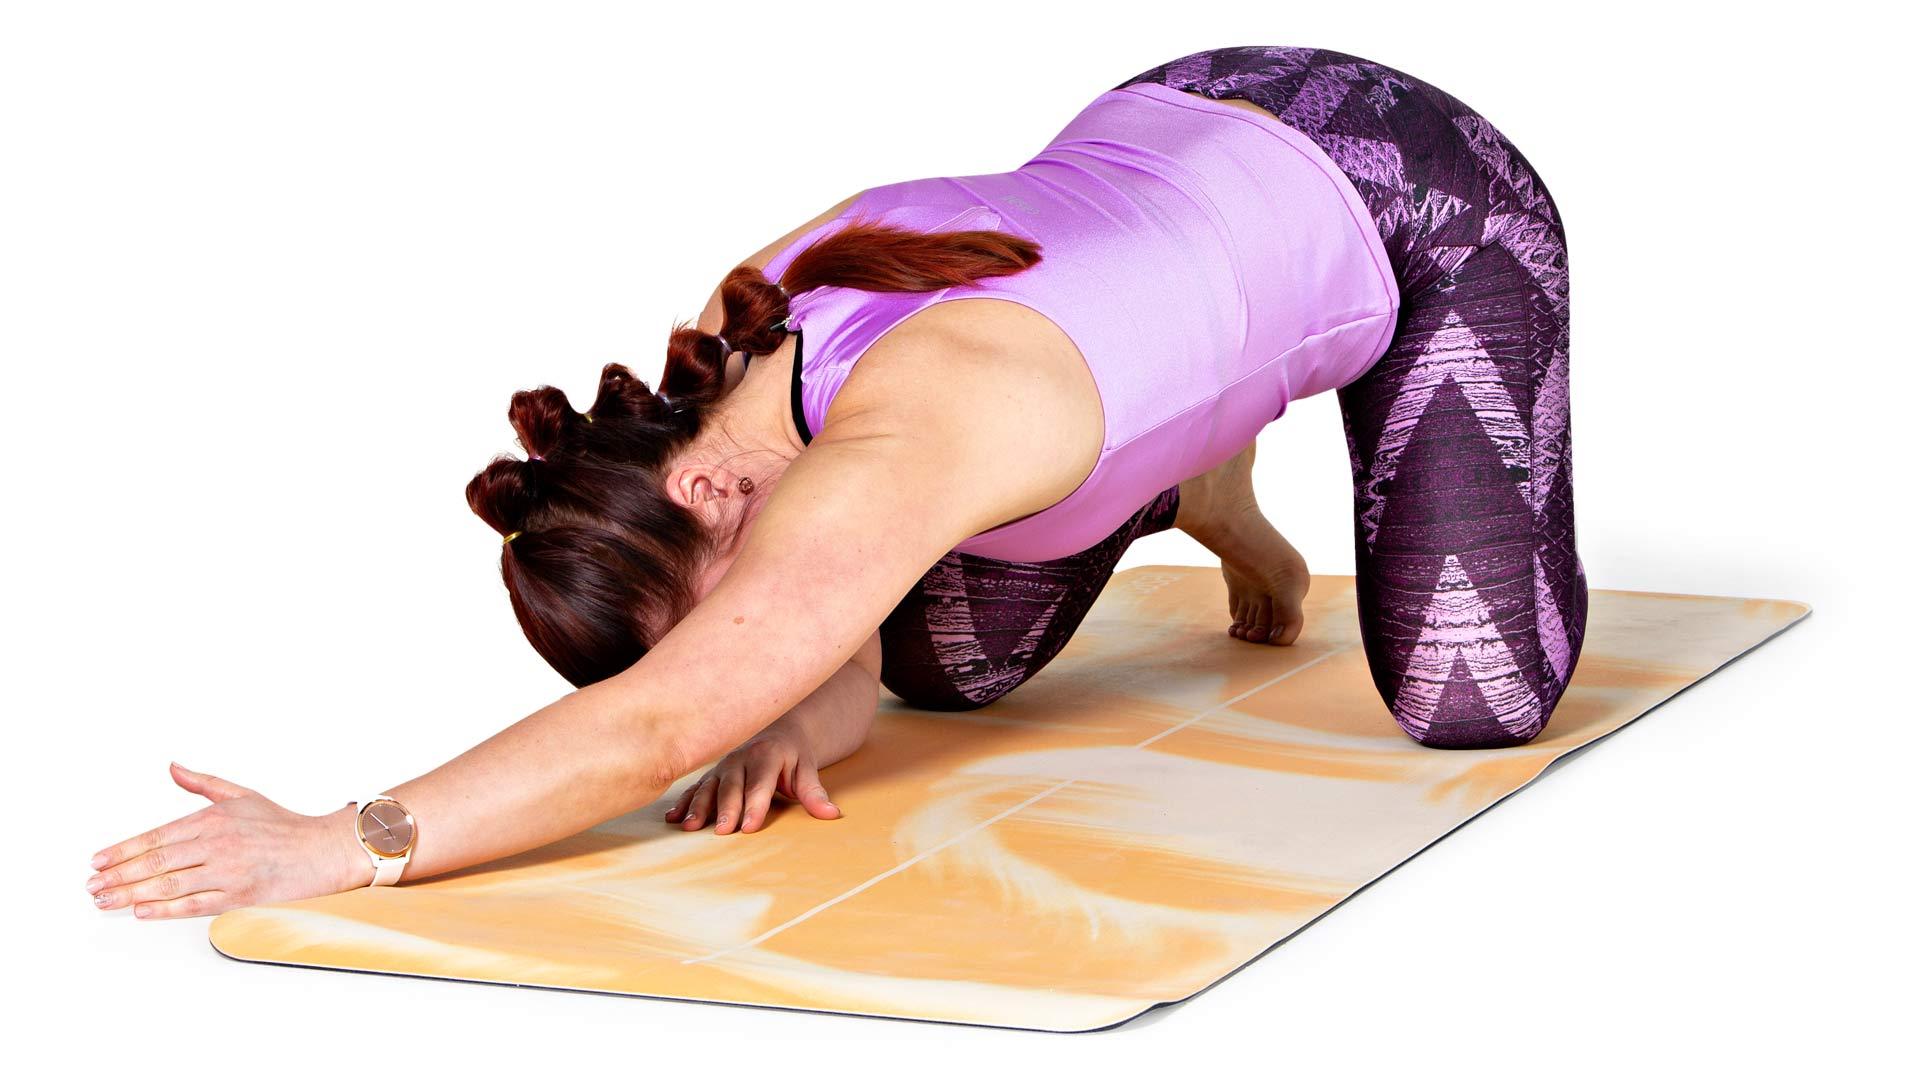 Kurota suoralla kädellä pituutta samalla koko kättä ja kainaloa lattiaa kohti painaen.